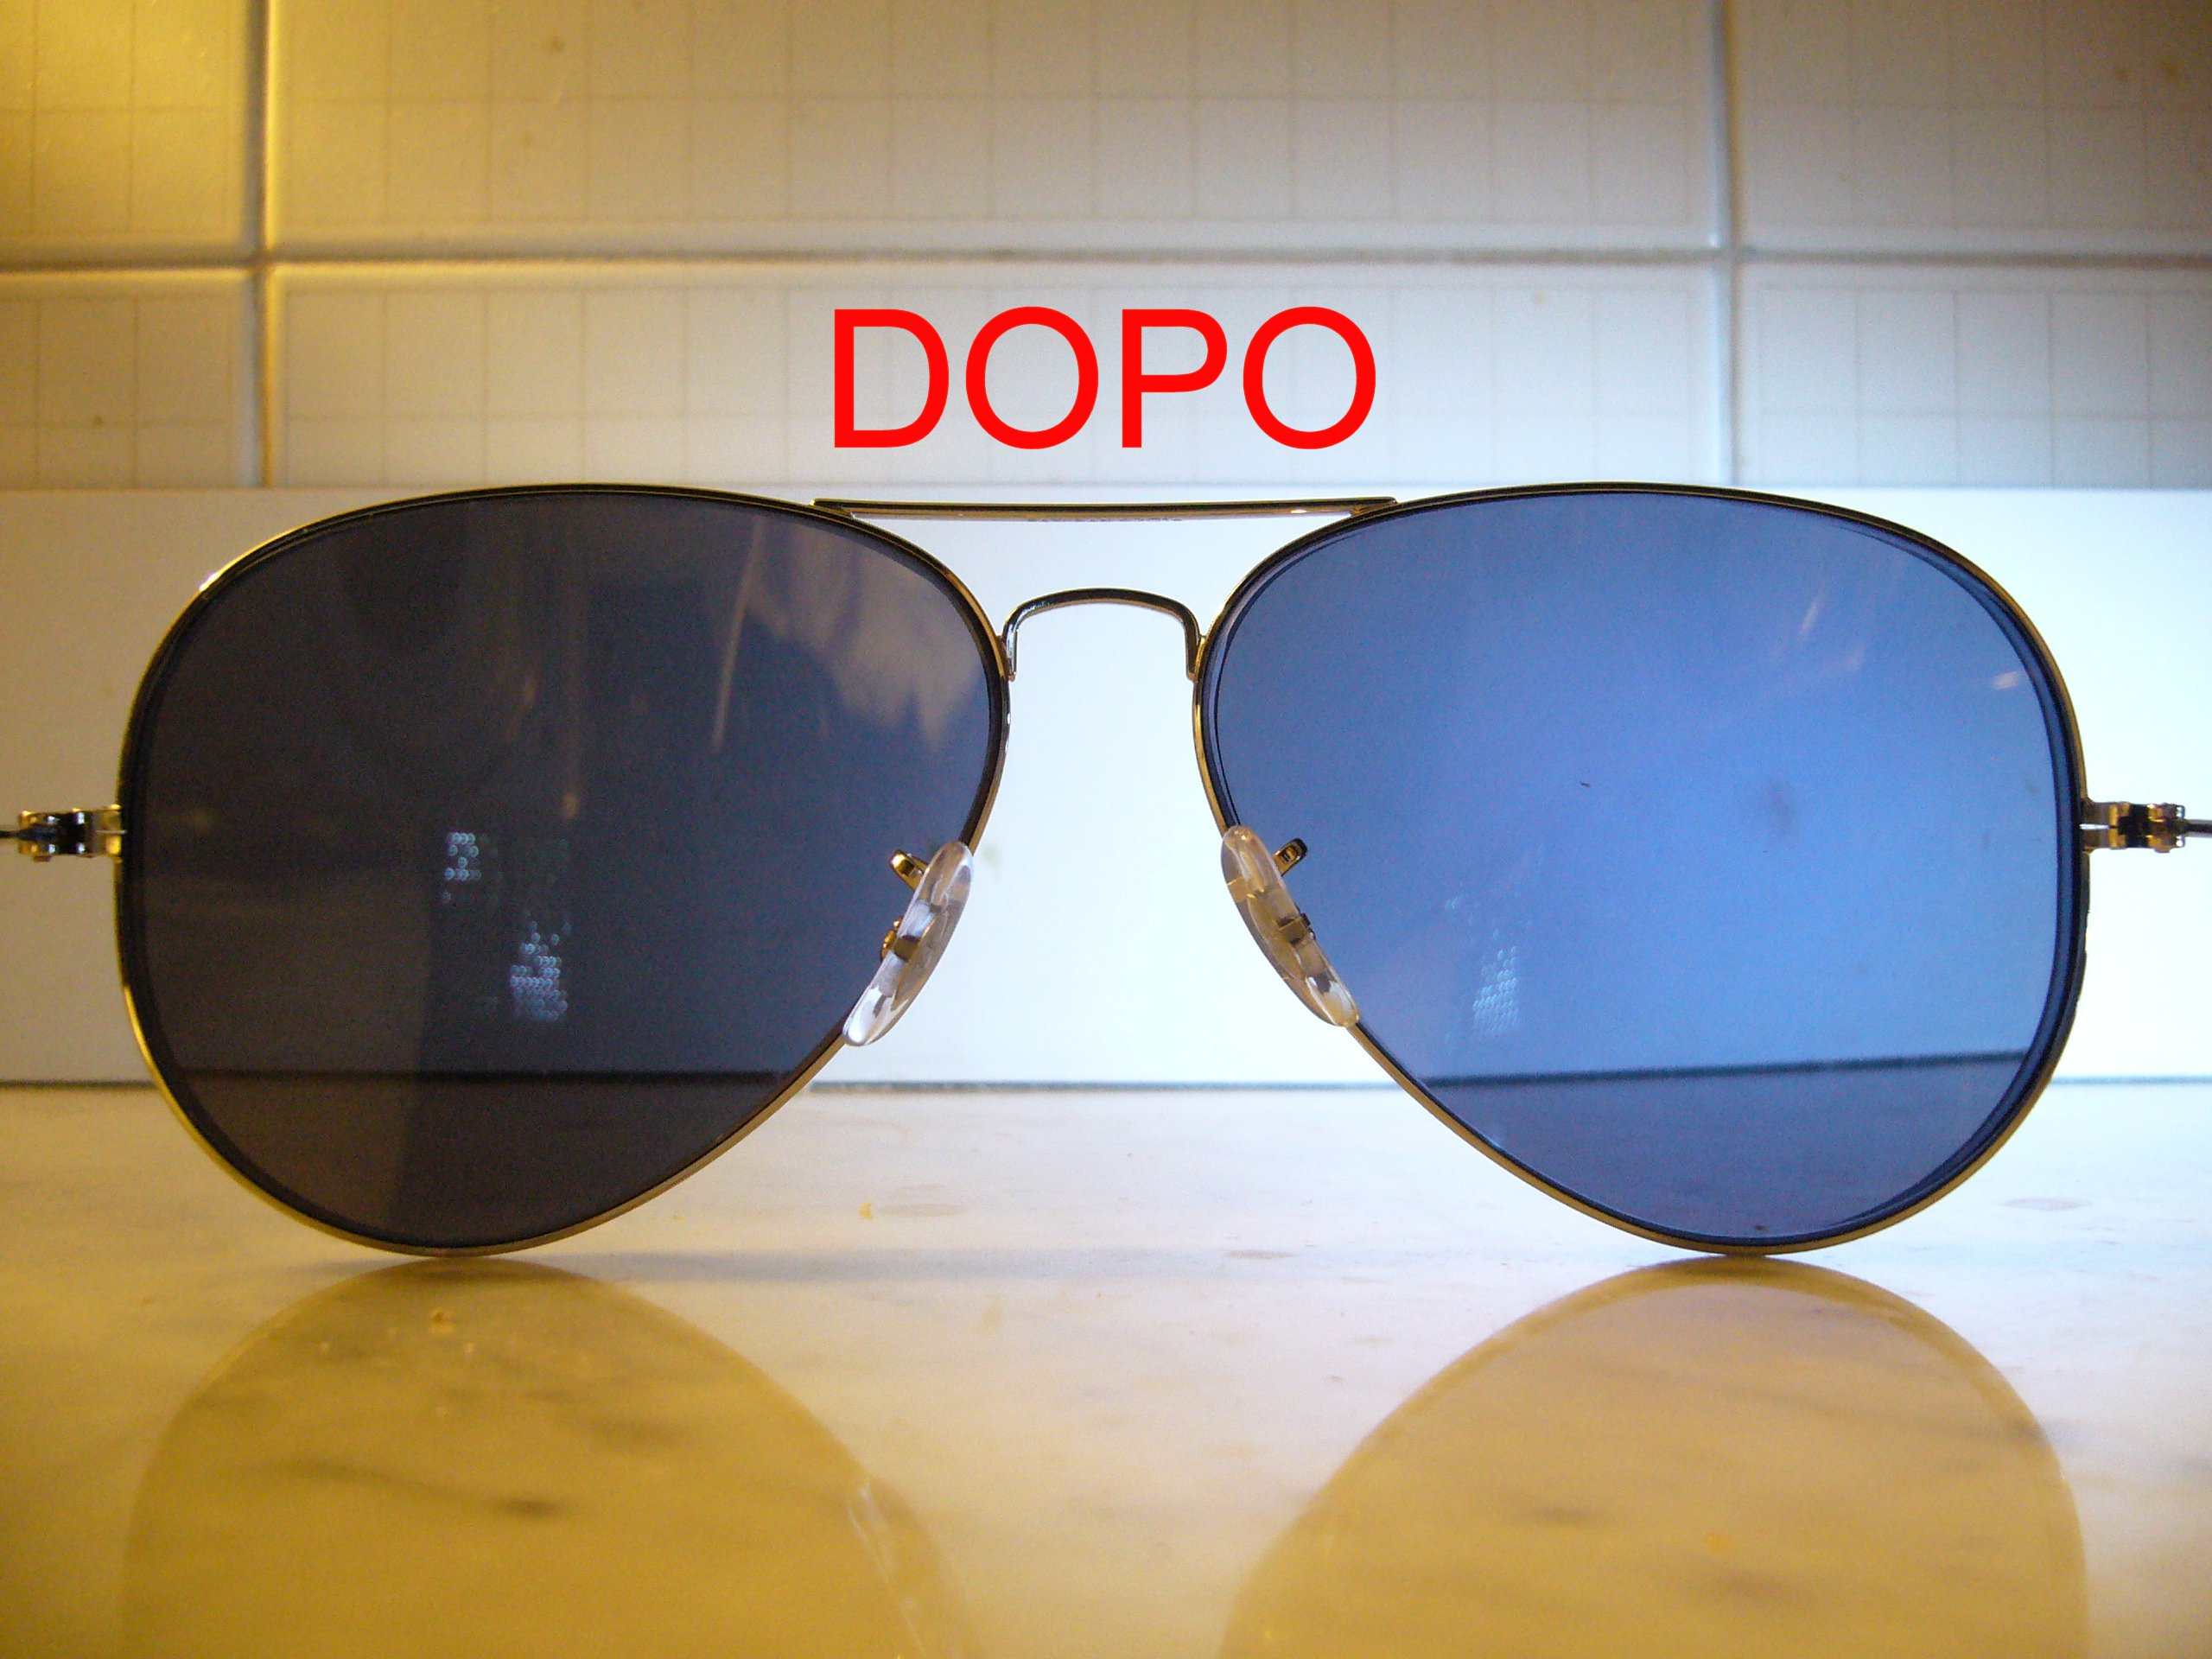 Schiarire le lenti degli occhiali da sole - Occhiali con lenti a specchio colorate ...